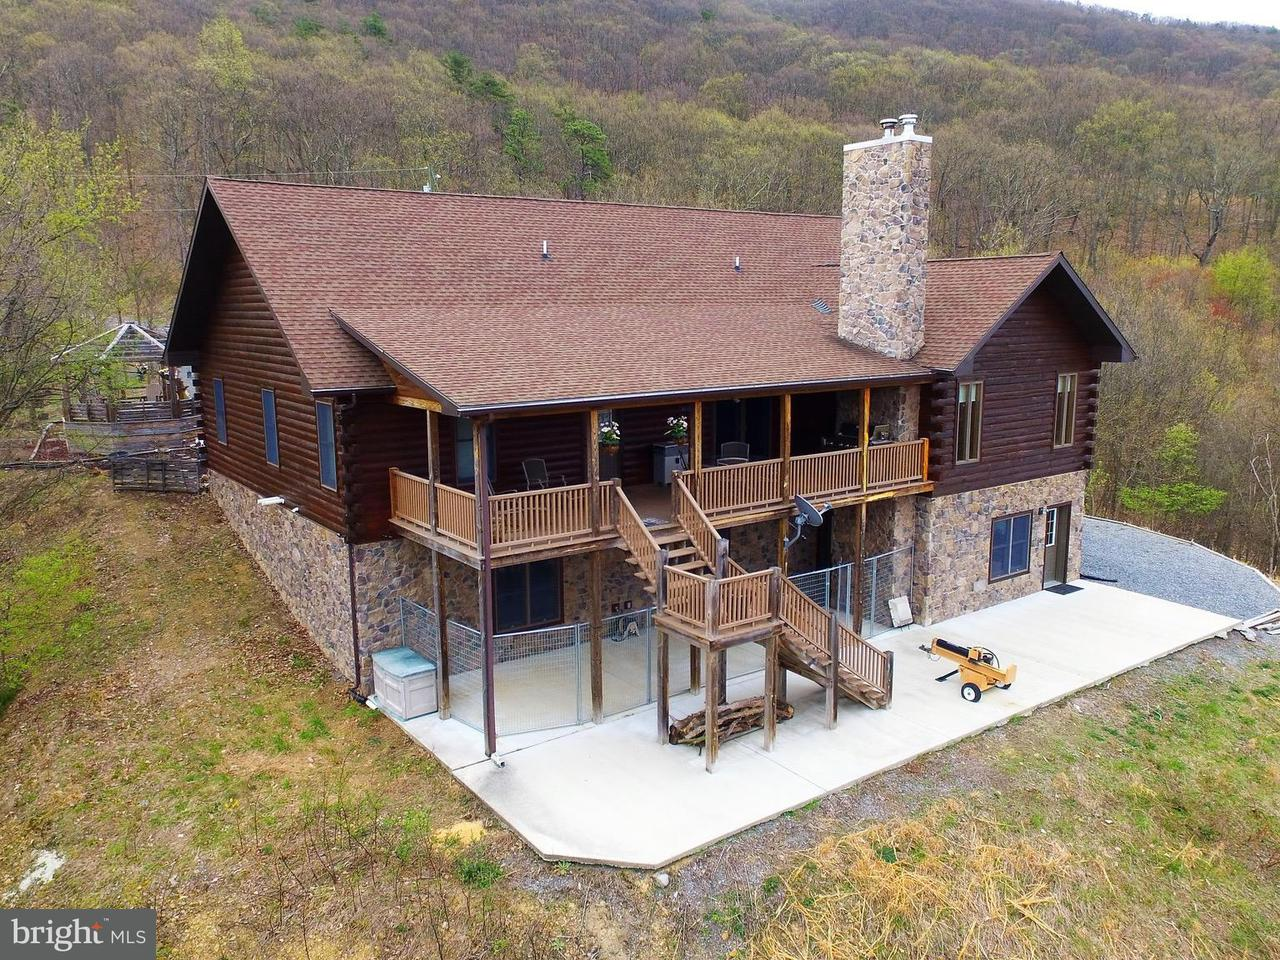 独户住宅 为 销售 在 684 Scarlet Oak Drive 684 Scarlet Oak Drive Moorefield, 西弗吉尼亚州 26836 美国